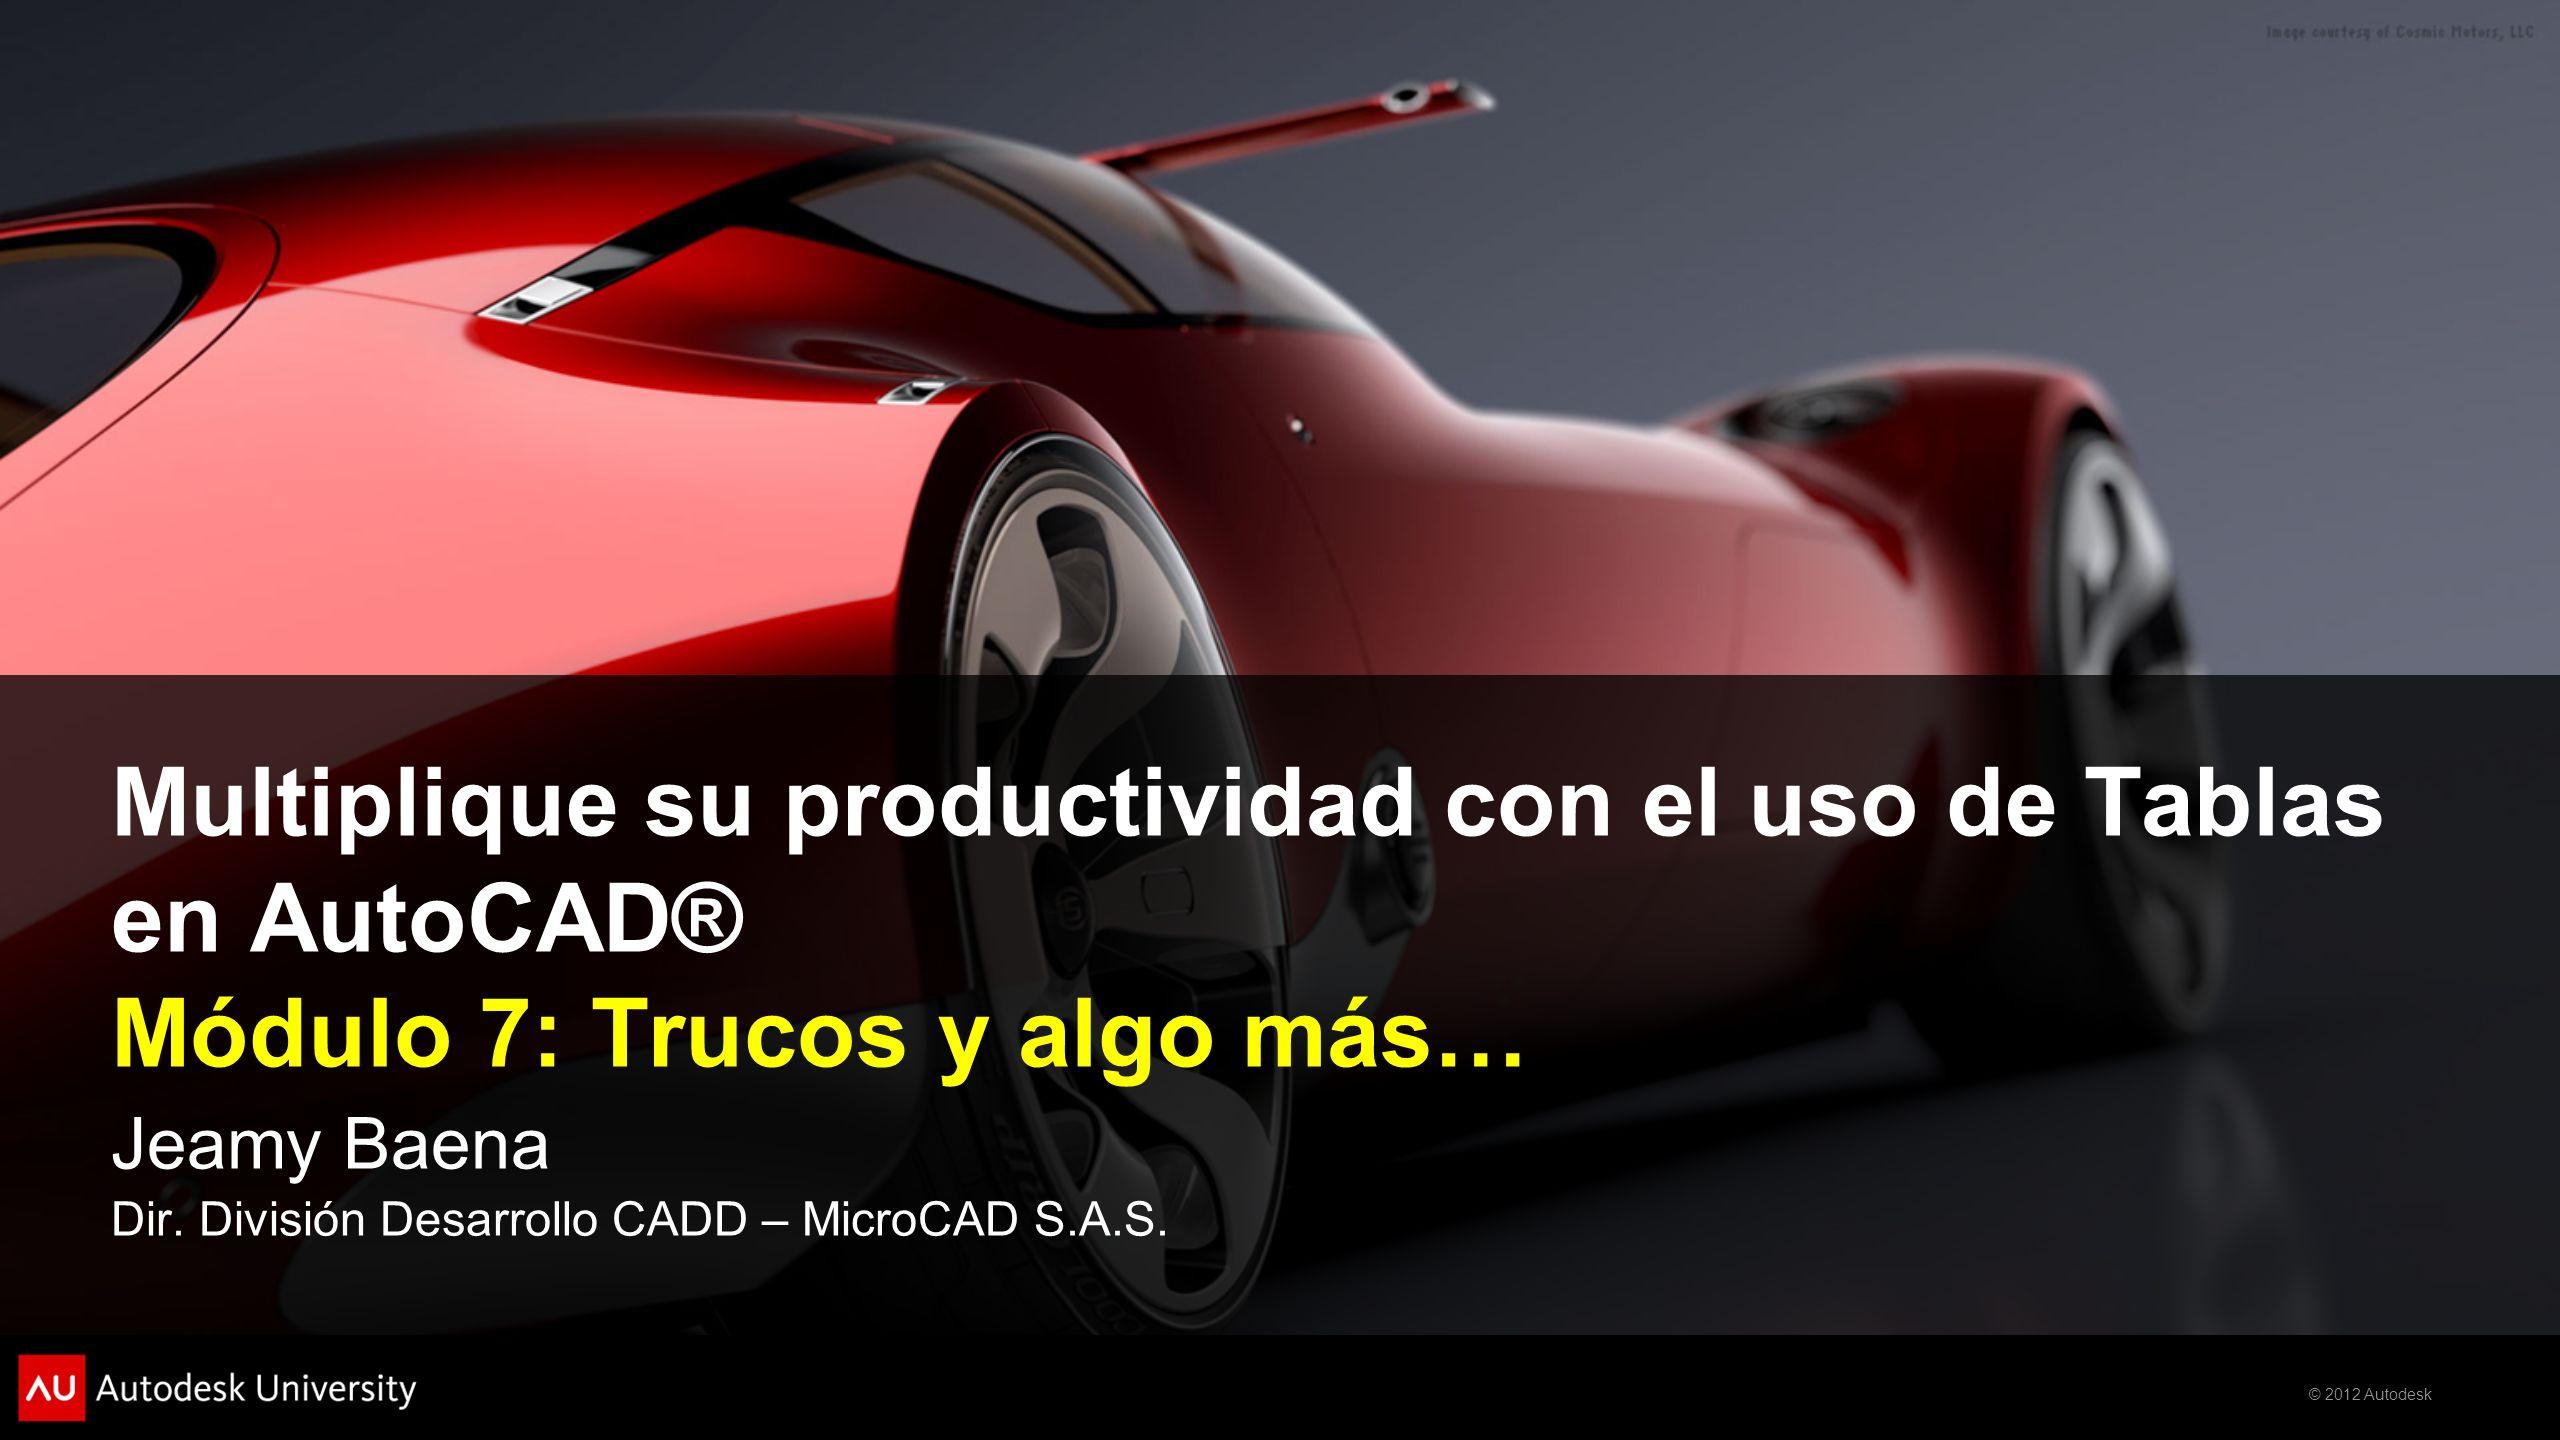 Multiplique su productividad con el uso de Tablas en AutoCAD® Módulo 7: Trucos y algo más…